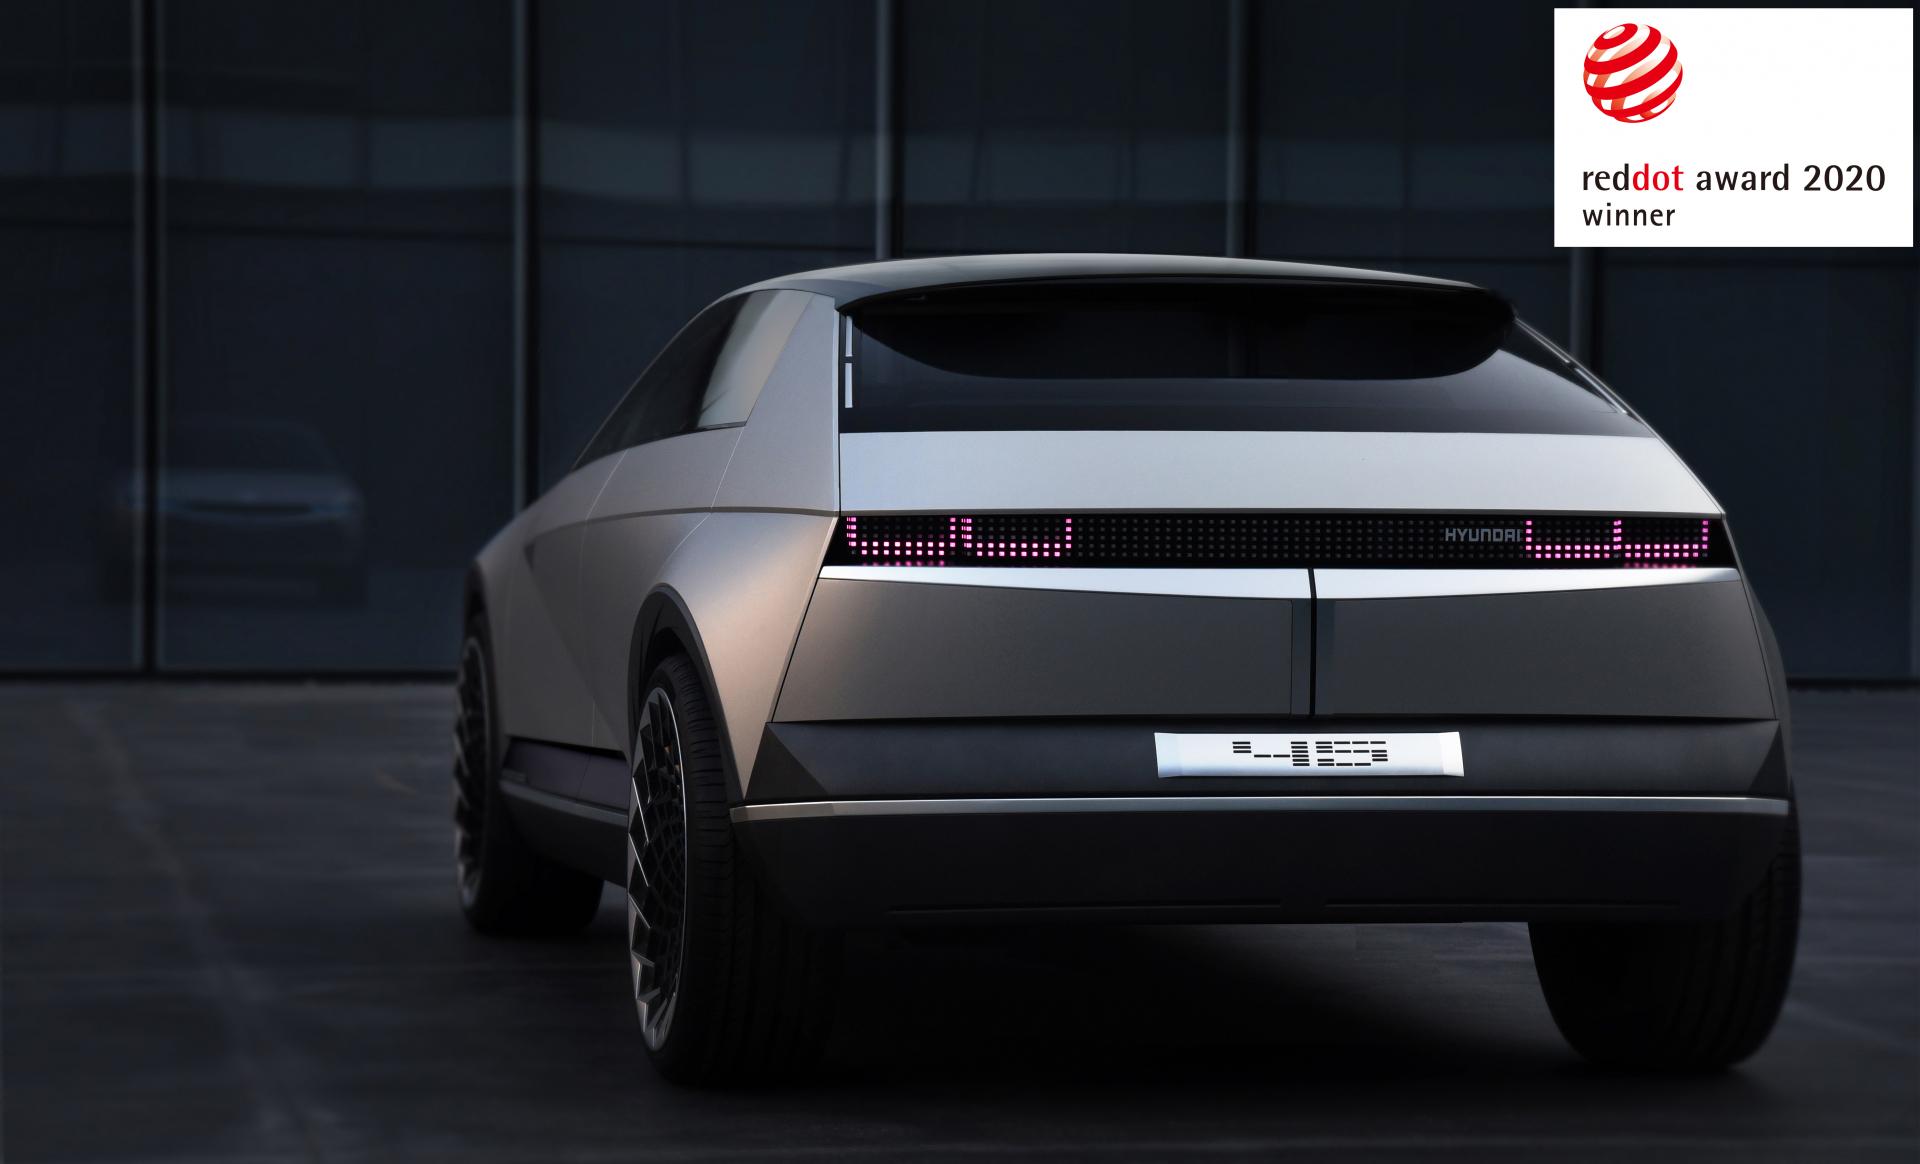 Компанія Hyundai Motor отримала три нагороди Red Dot Award 2020 за концептуальний дизайн | Олимп Мотор - фото 10